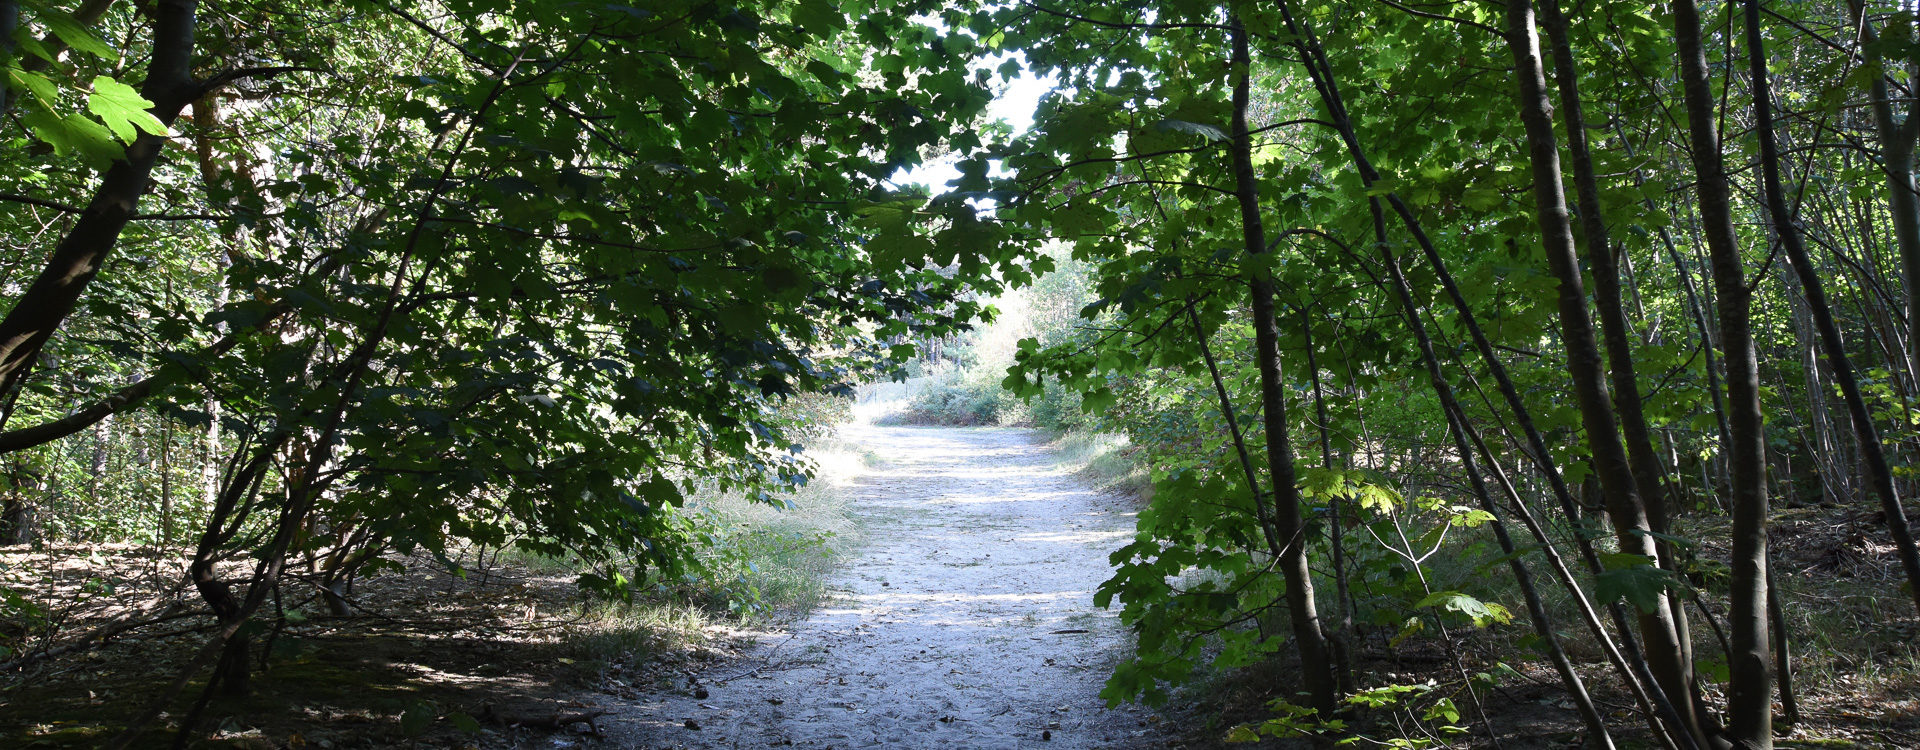 Parc de camping Tolmzant - Tolmzant